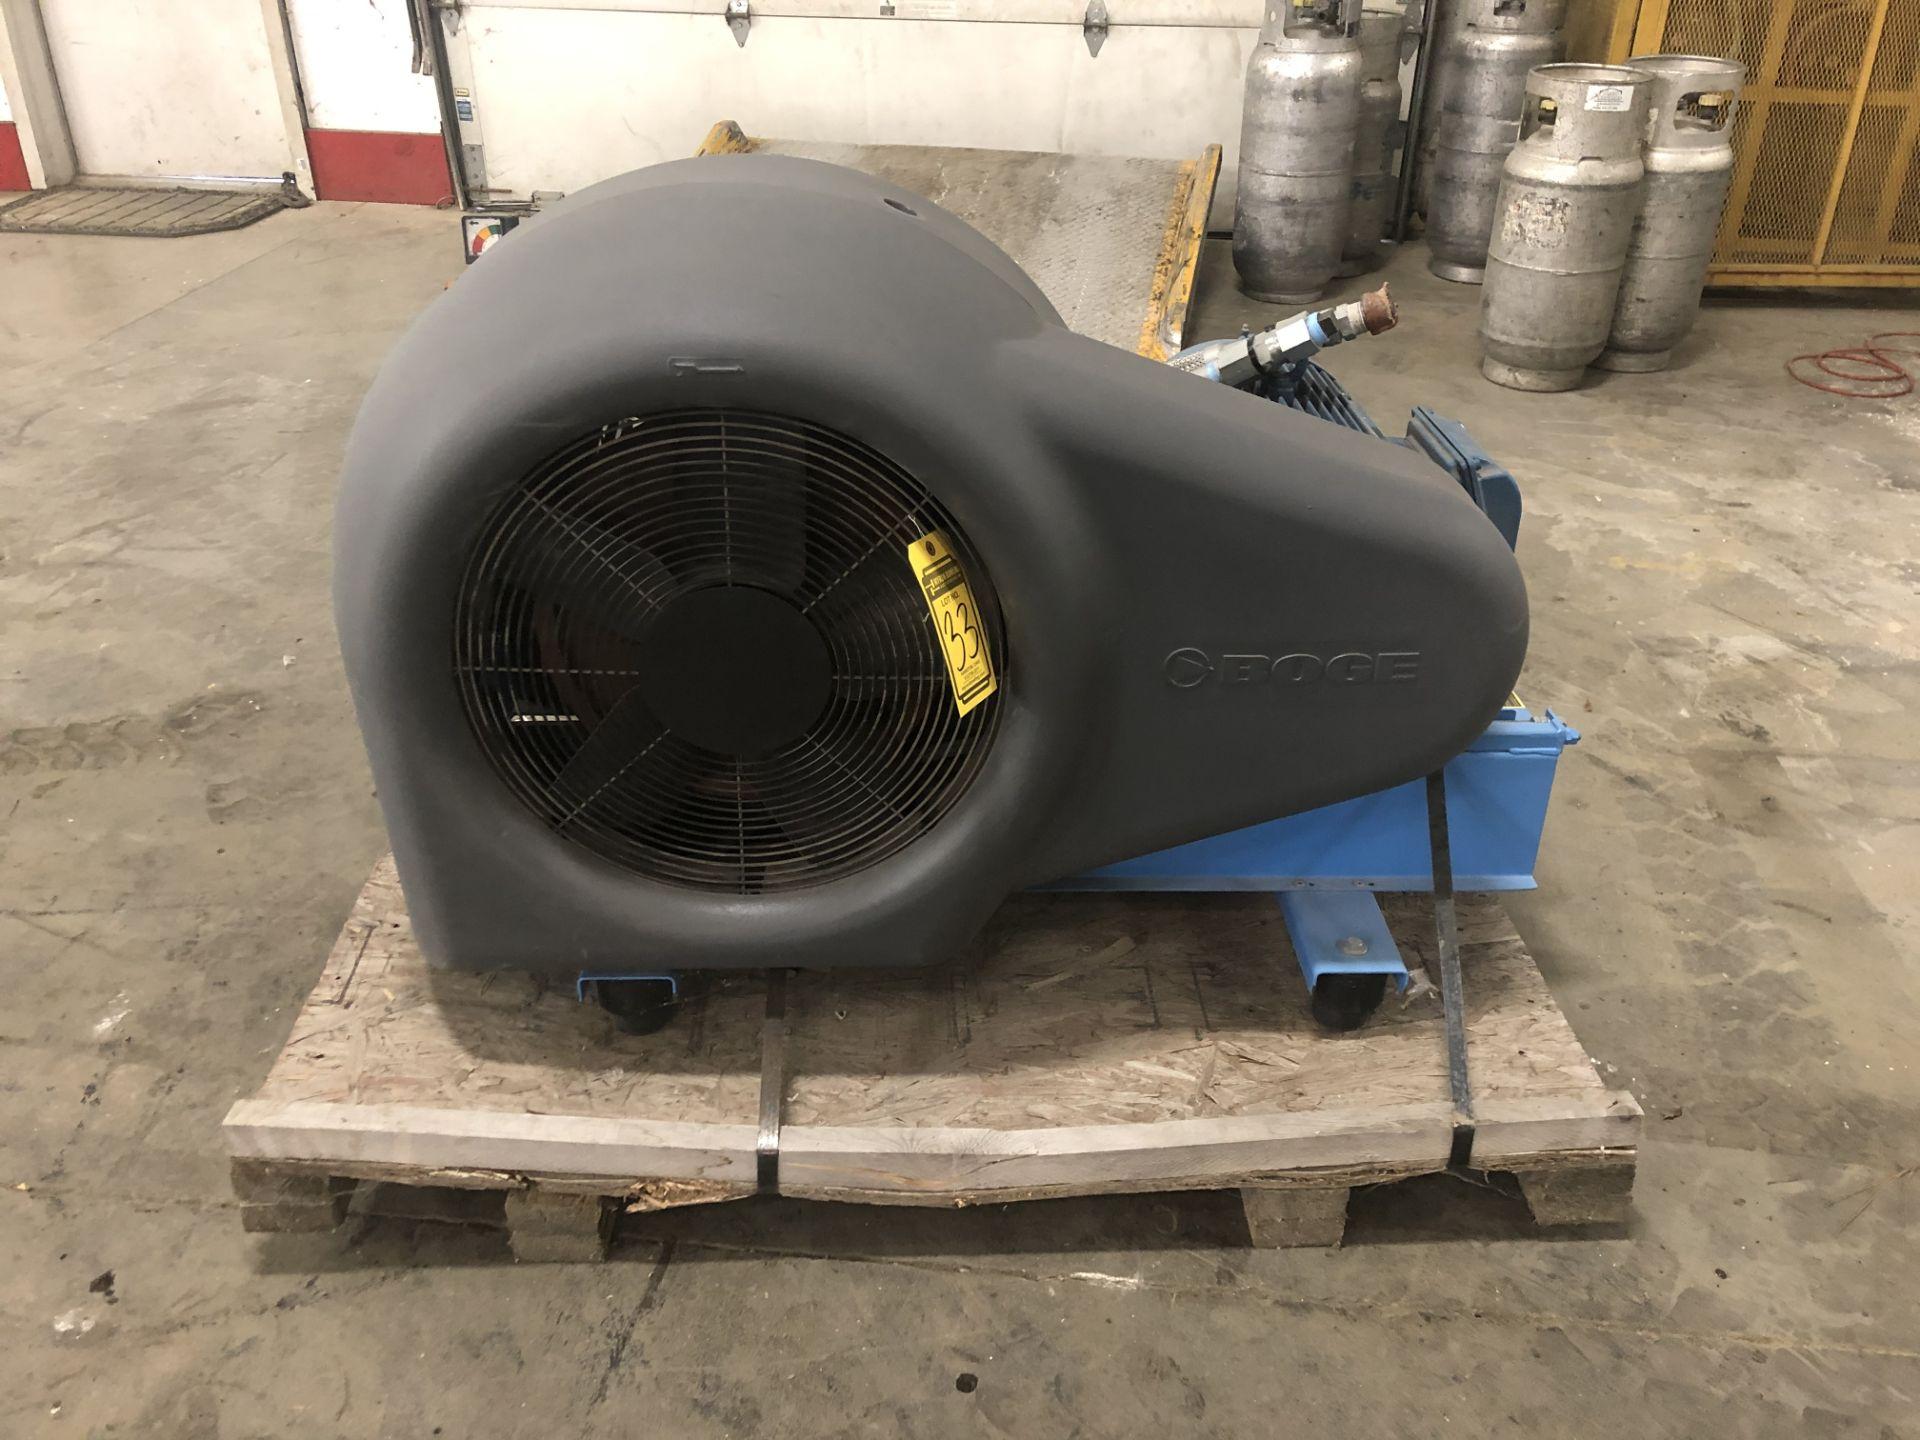 Lot 33 - 2013 BOGE Air Compressor, Model: SRHV 420 –10, Motor power: 15 KW, CFM: 162, pressure PSIG: 600